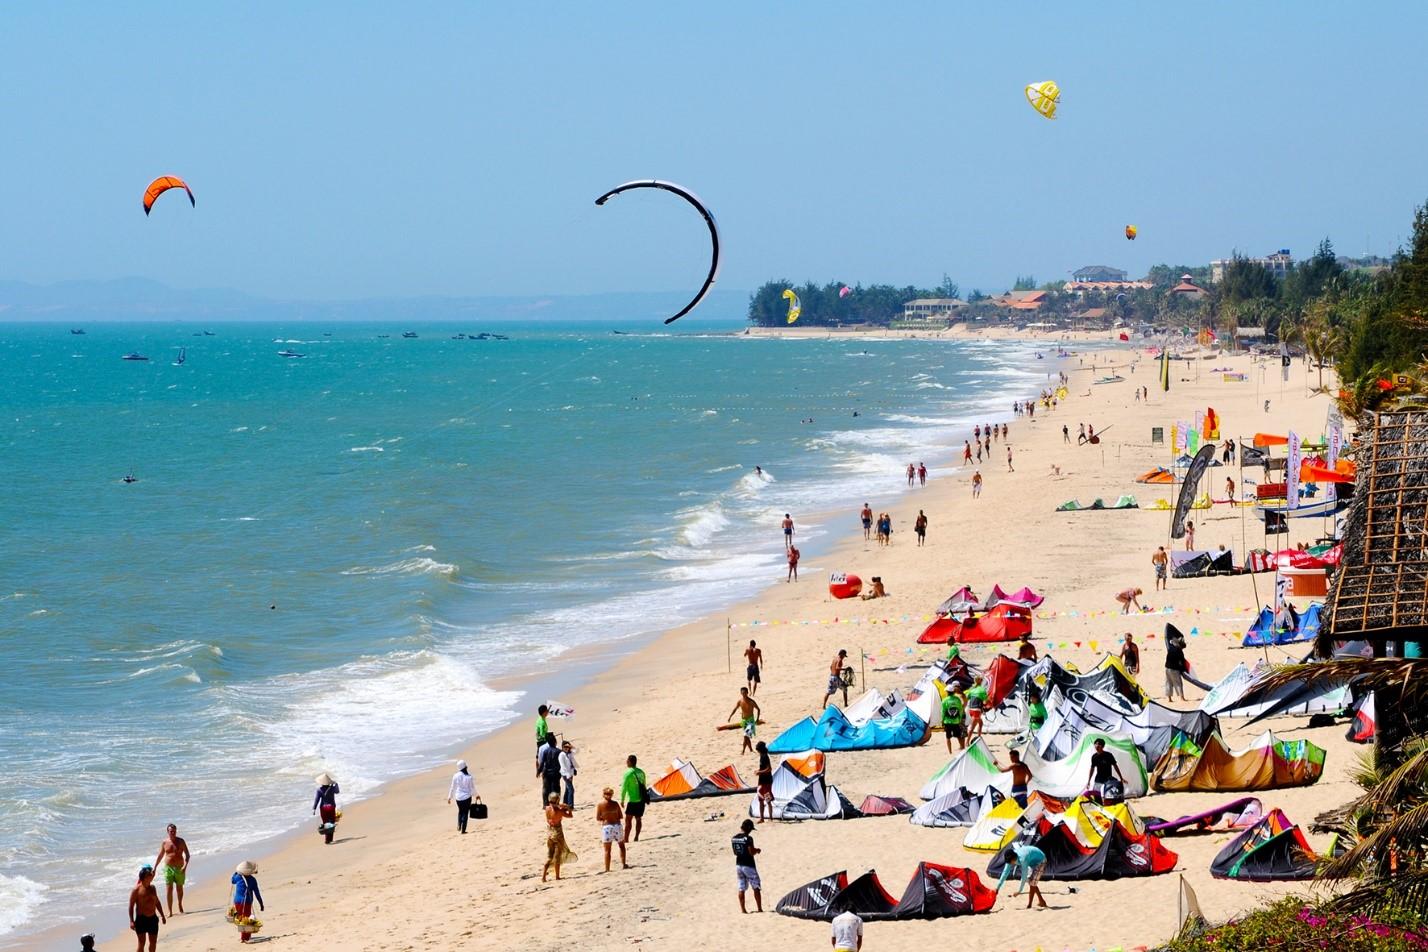 Những vùng biển nhiệt đới xinh đẹp, khí hậu ôn hòa như Phan Thiết luôn là lựa chọn nghỉ dưỡng hàng đầu của khách du lịch, đặc biệt là du khách ngoại quốc. Ảnh: Trung tâm Xúc tiến Du lịch Bình Thuận.